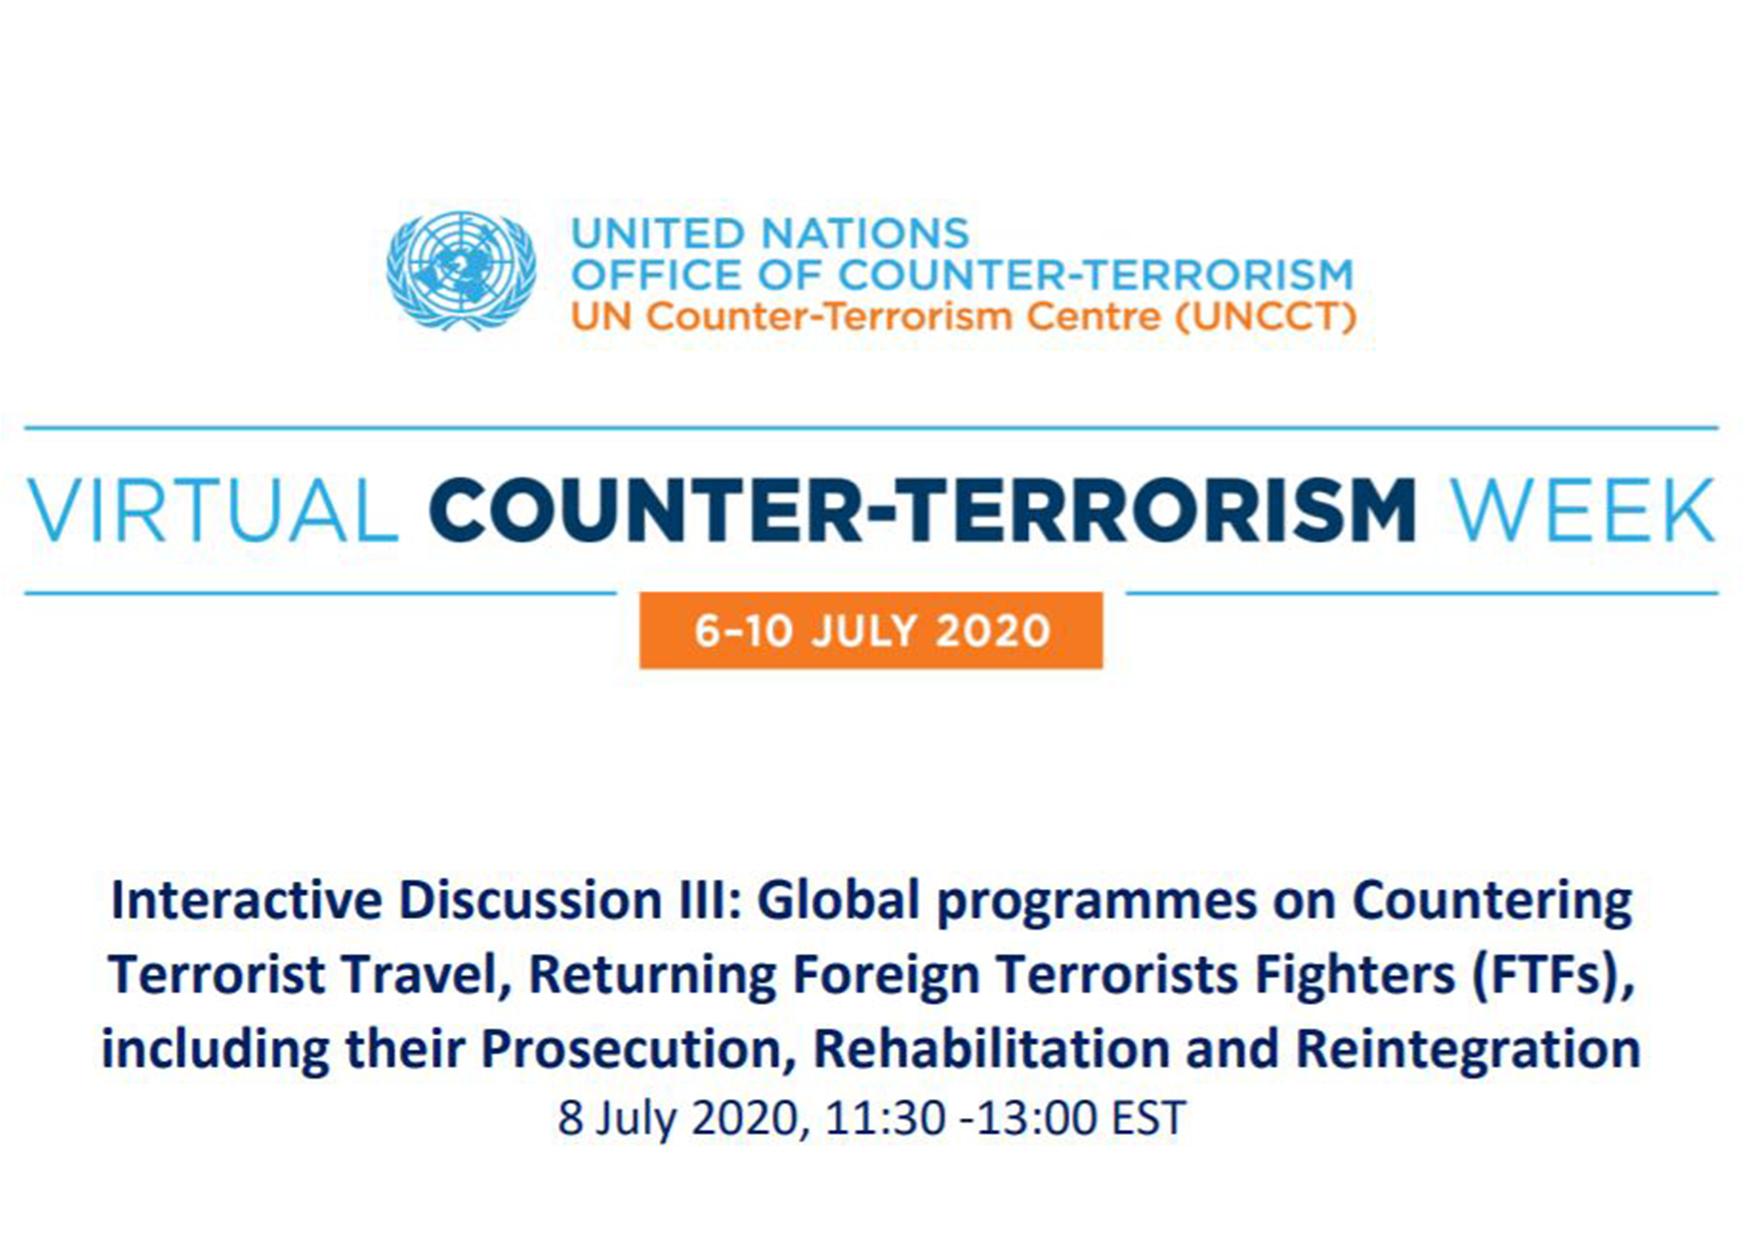 UNOCT 2020 Virtual Counter-Terrorism Week